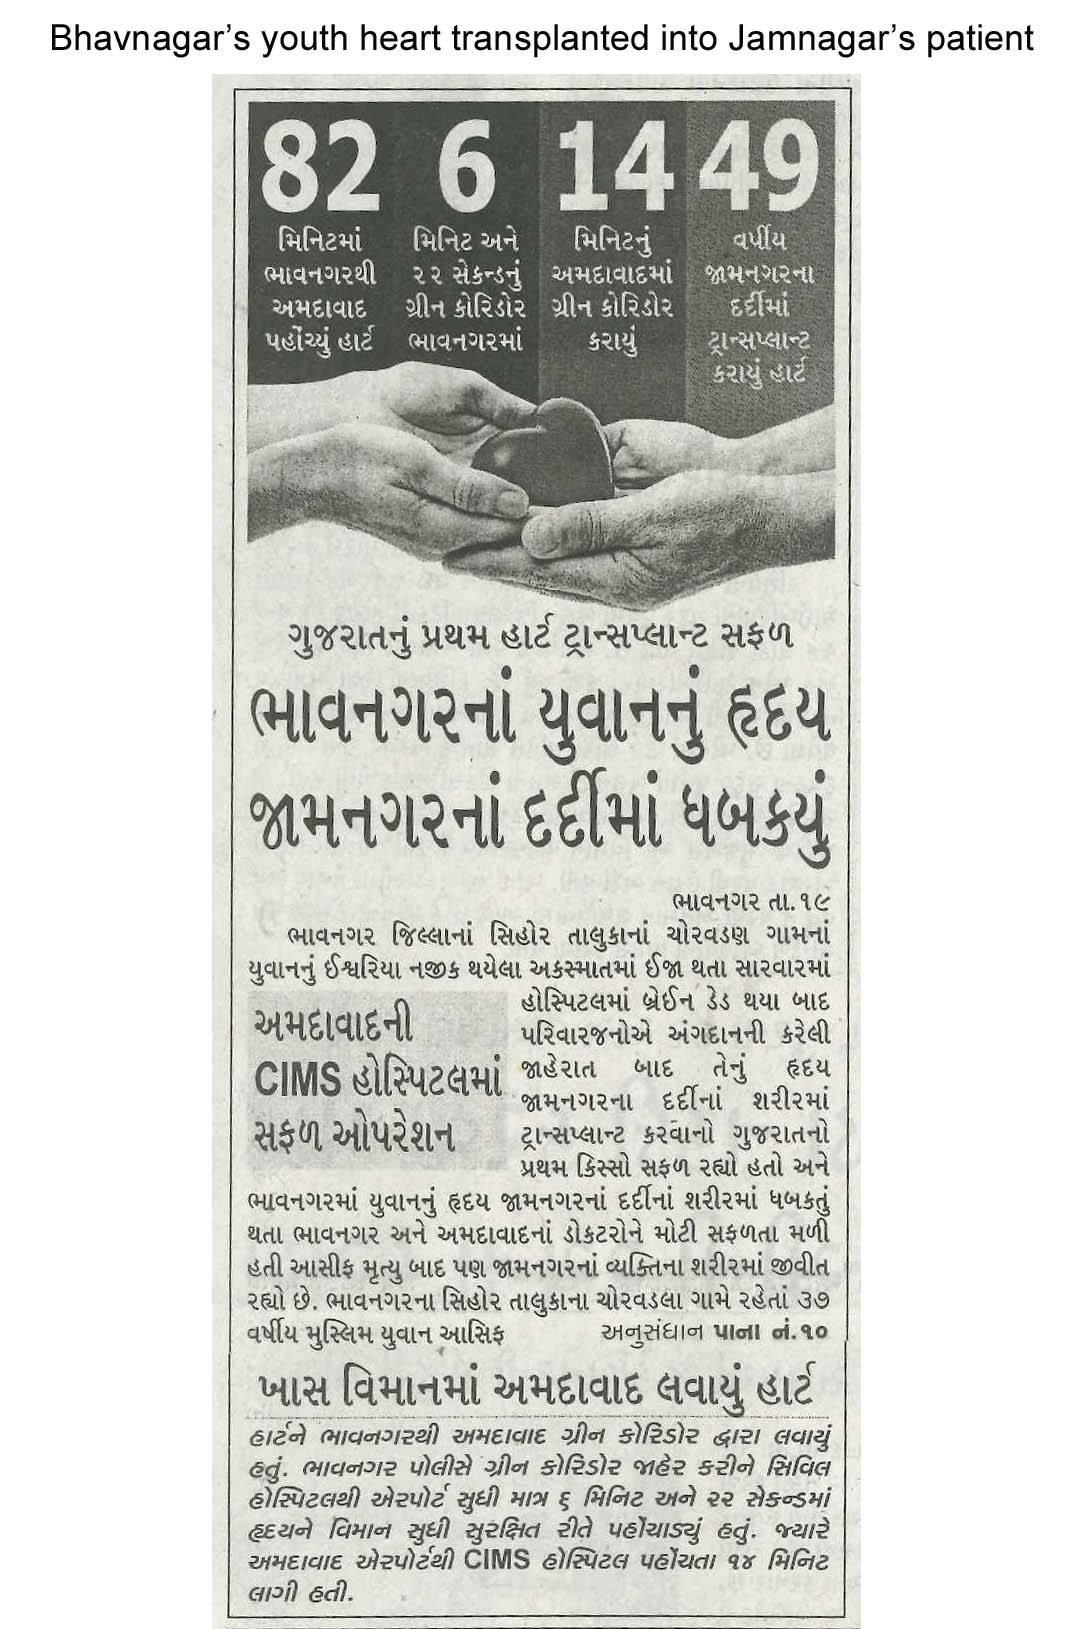 Loksansar (Bhavnagar)_CIMS (1st Heart transplant in Gujarat)_20.12.16_Pg 12